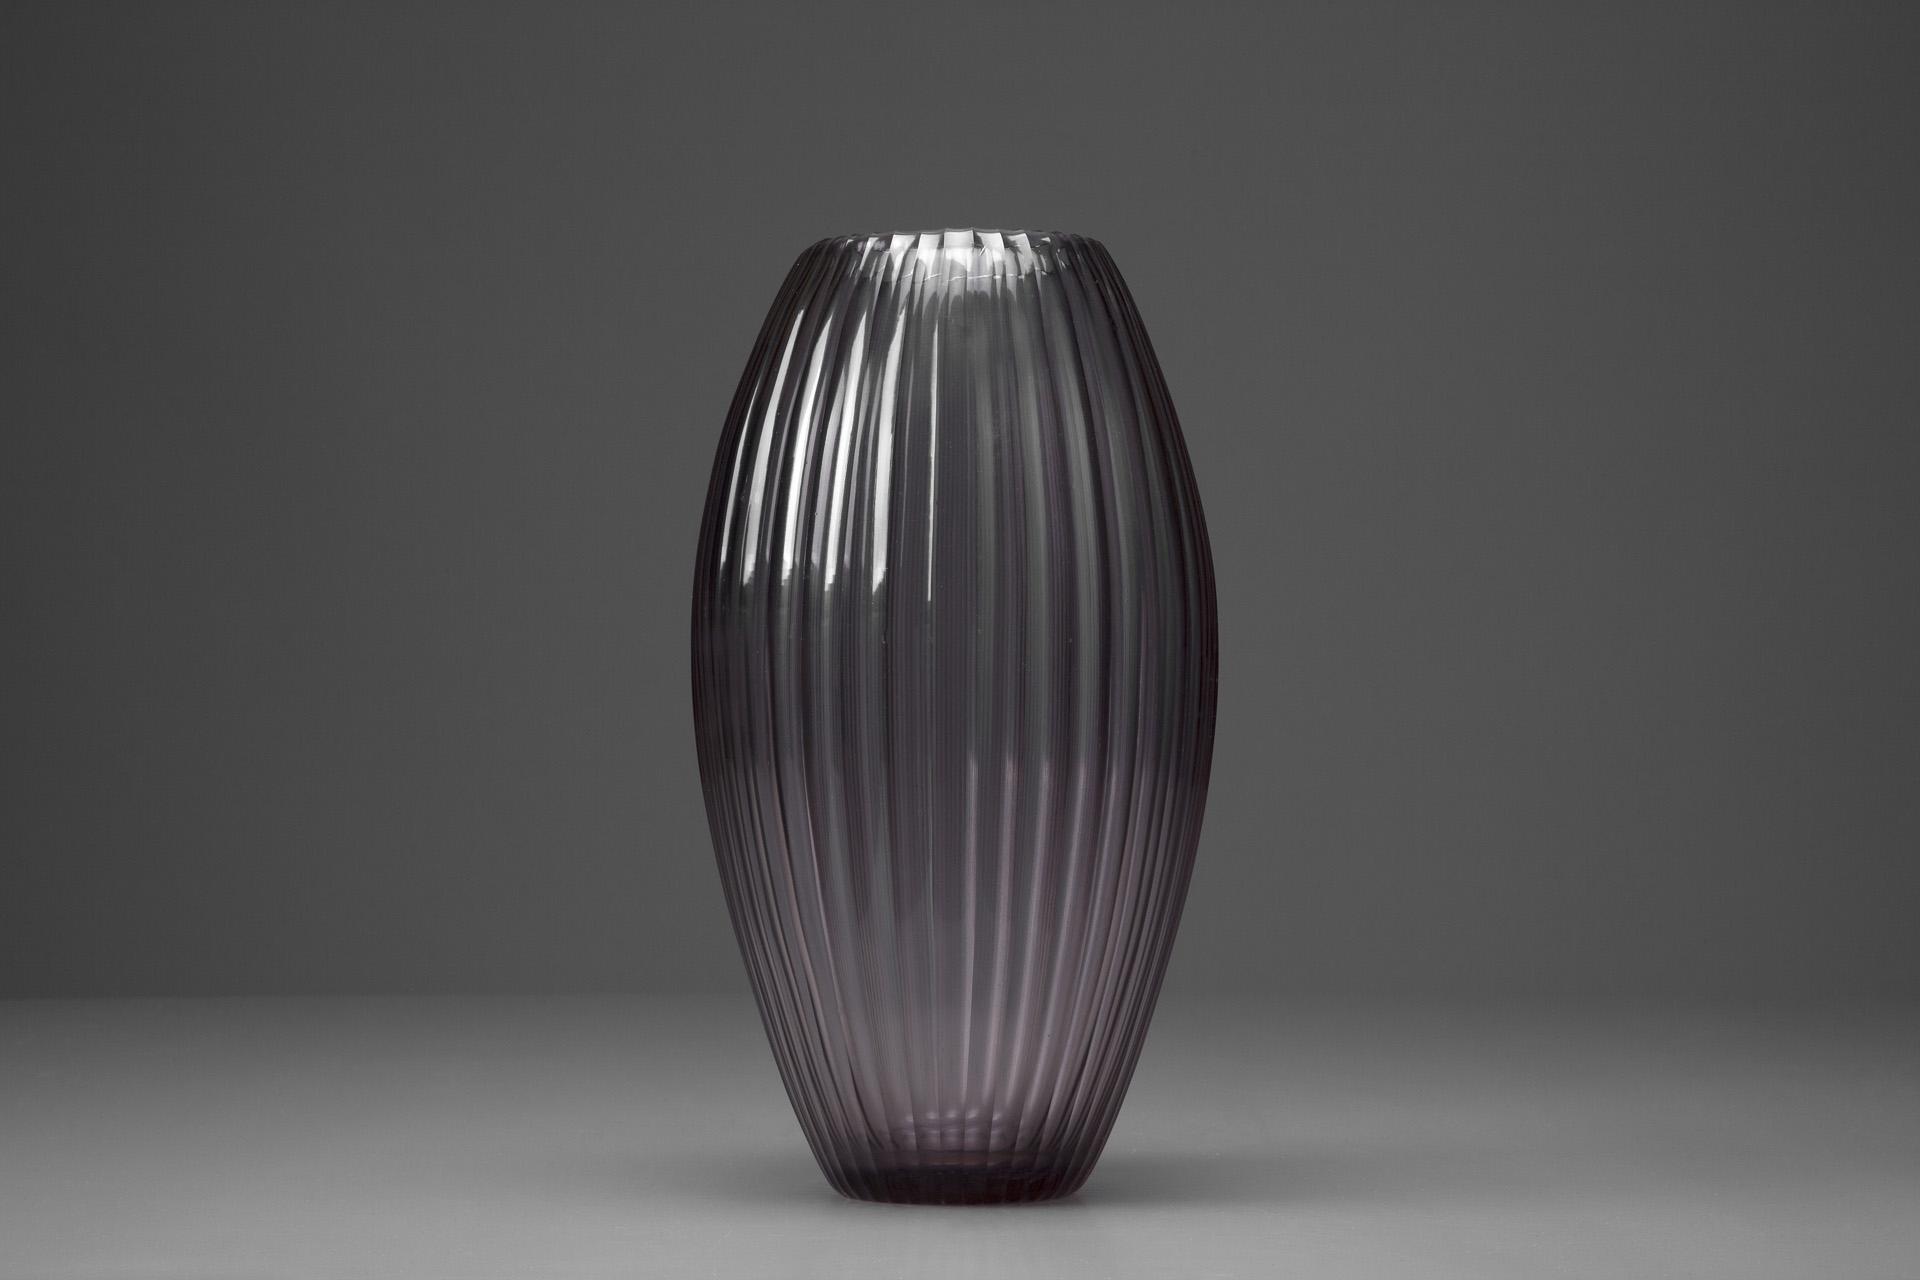 Jacksons Triton Vases Simon Gate